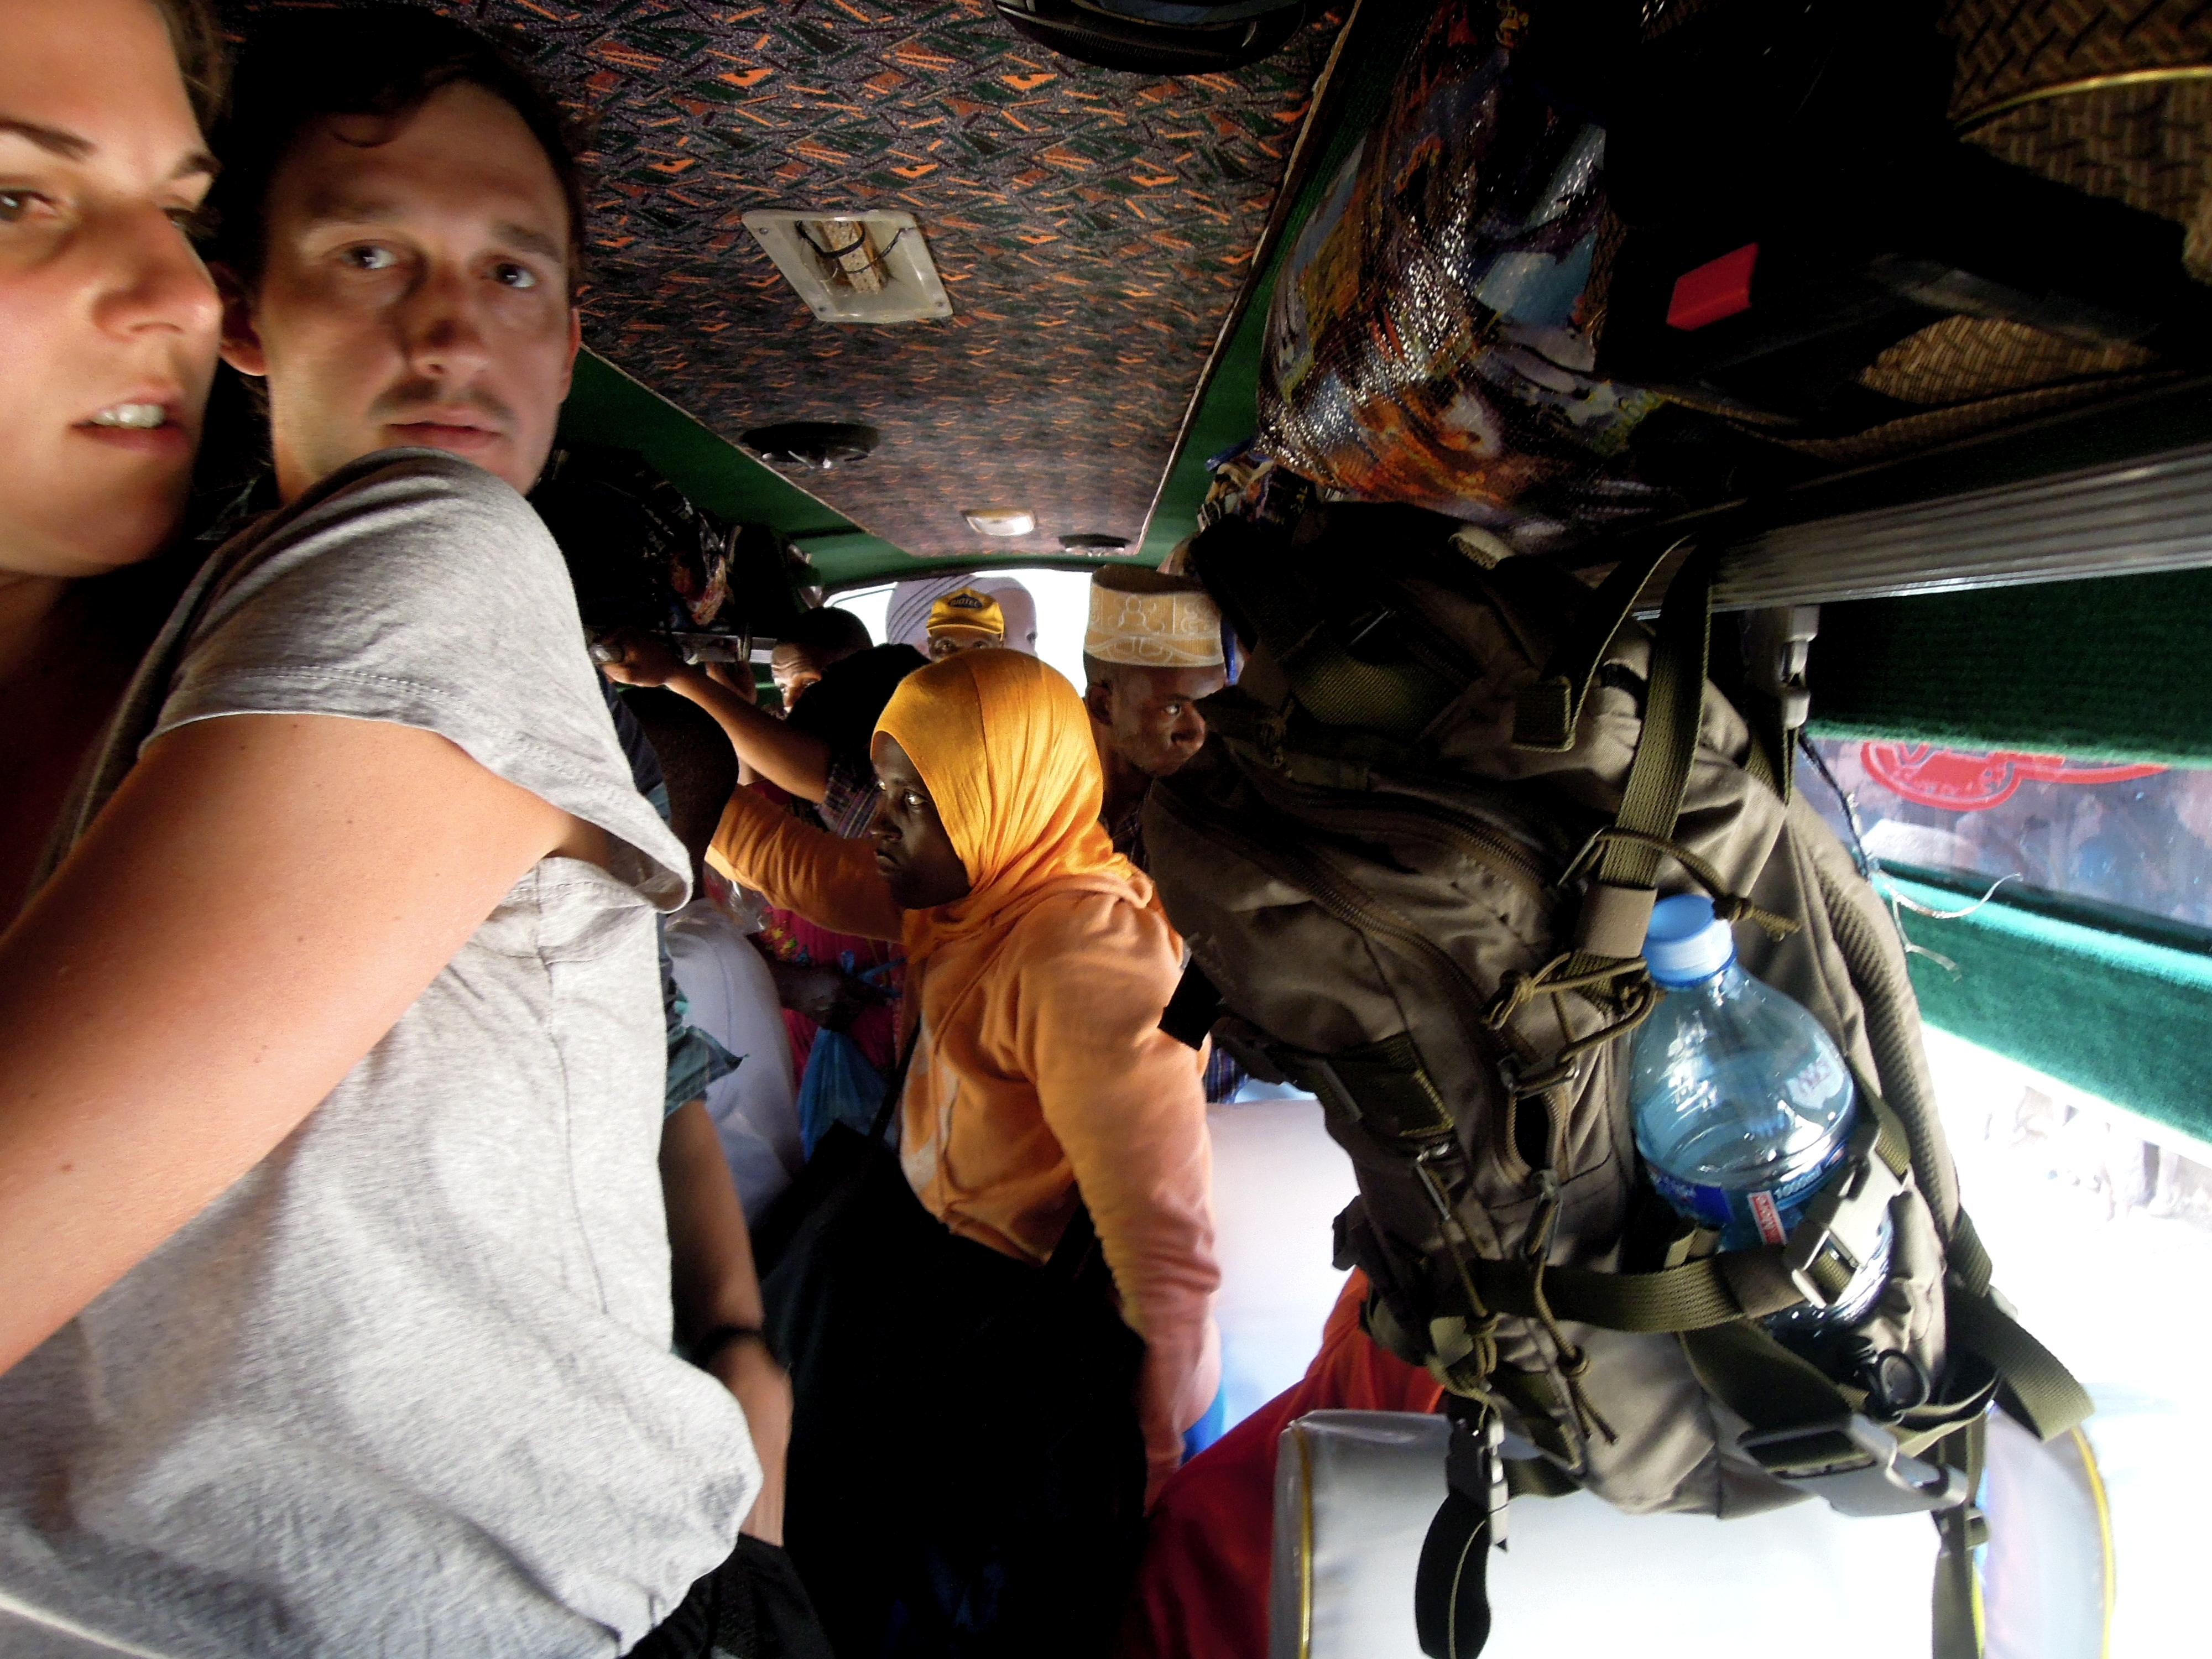 Na stojaka w autobusie, w drodze z Lushoto do Mtae, fot. A. Mielczarek